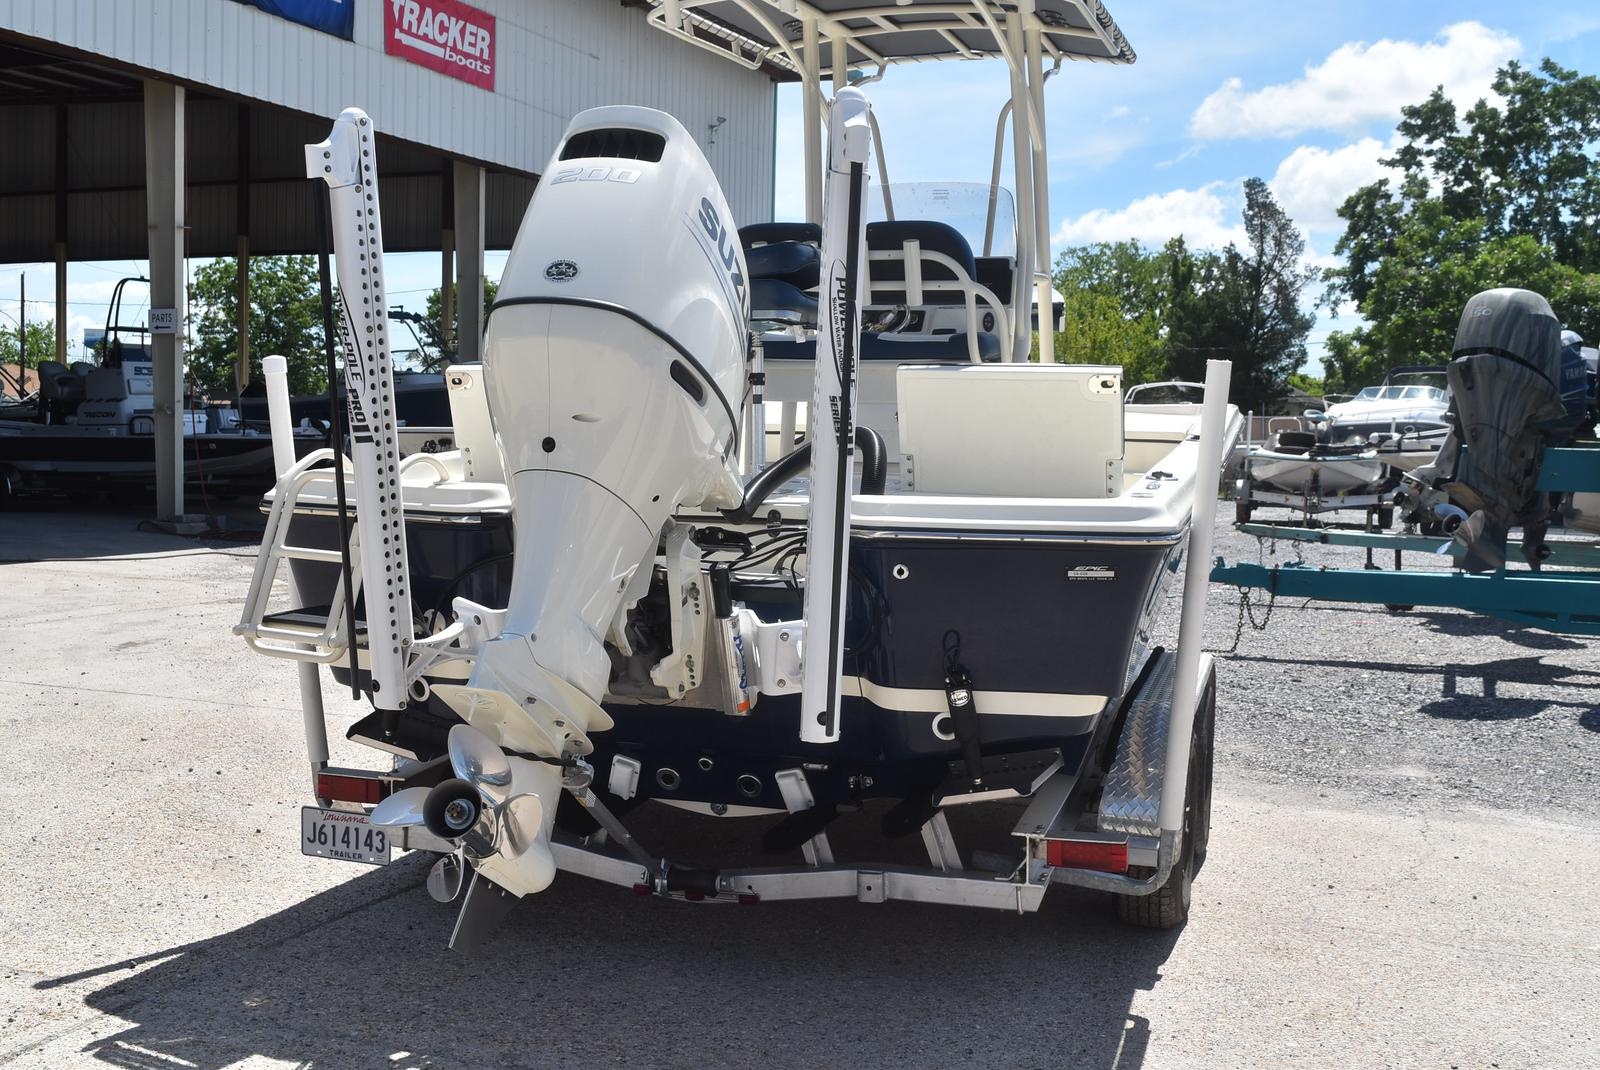 New  2018 Epic Boats Bay Boat in Marrero, Louisiana